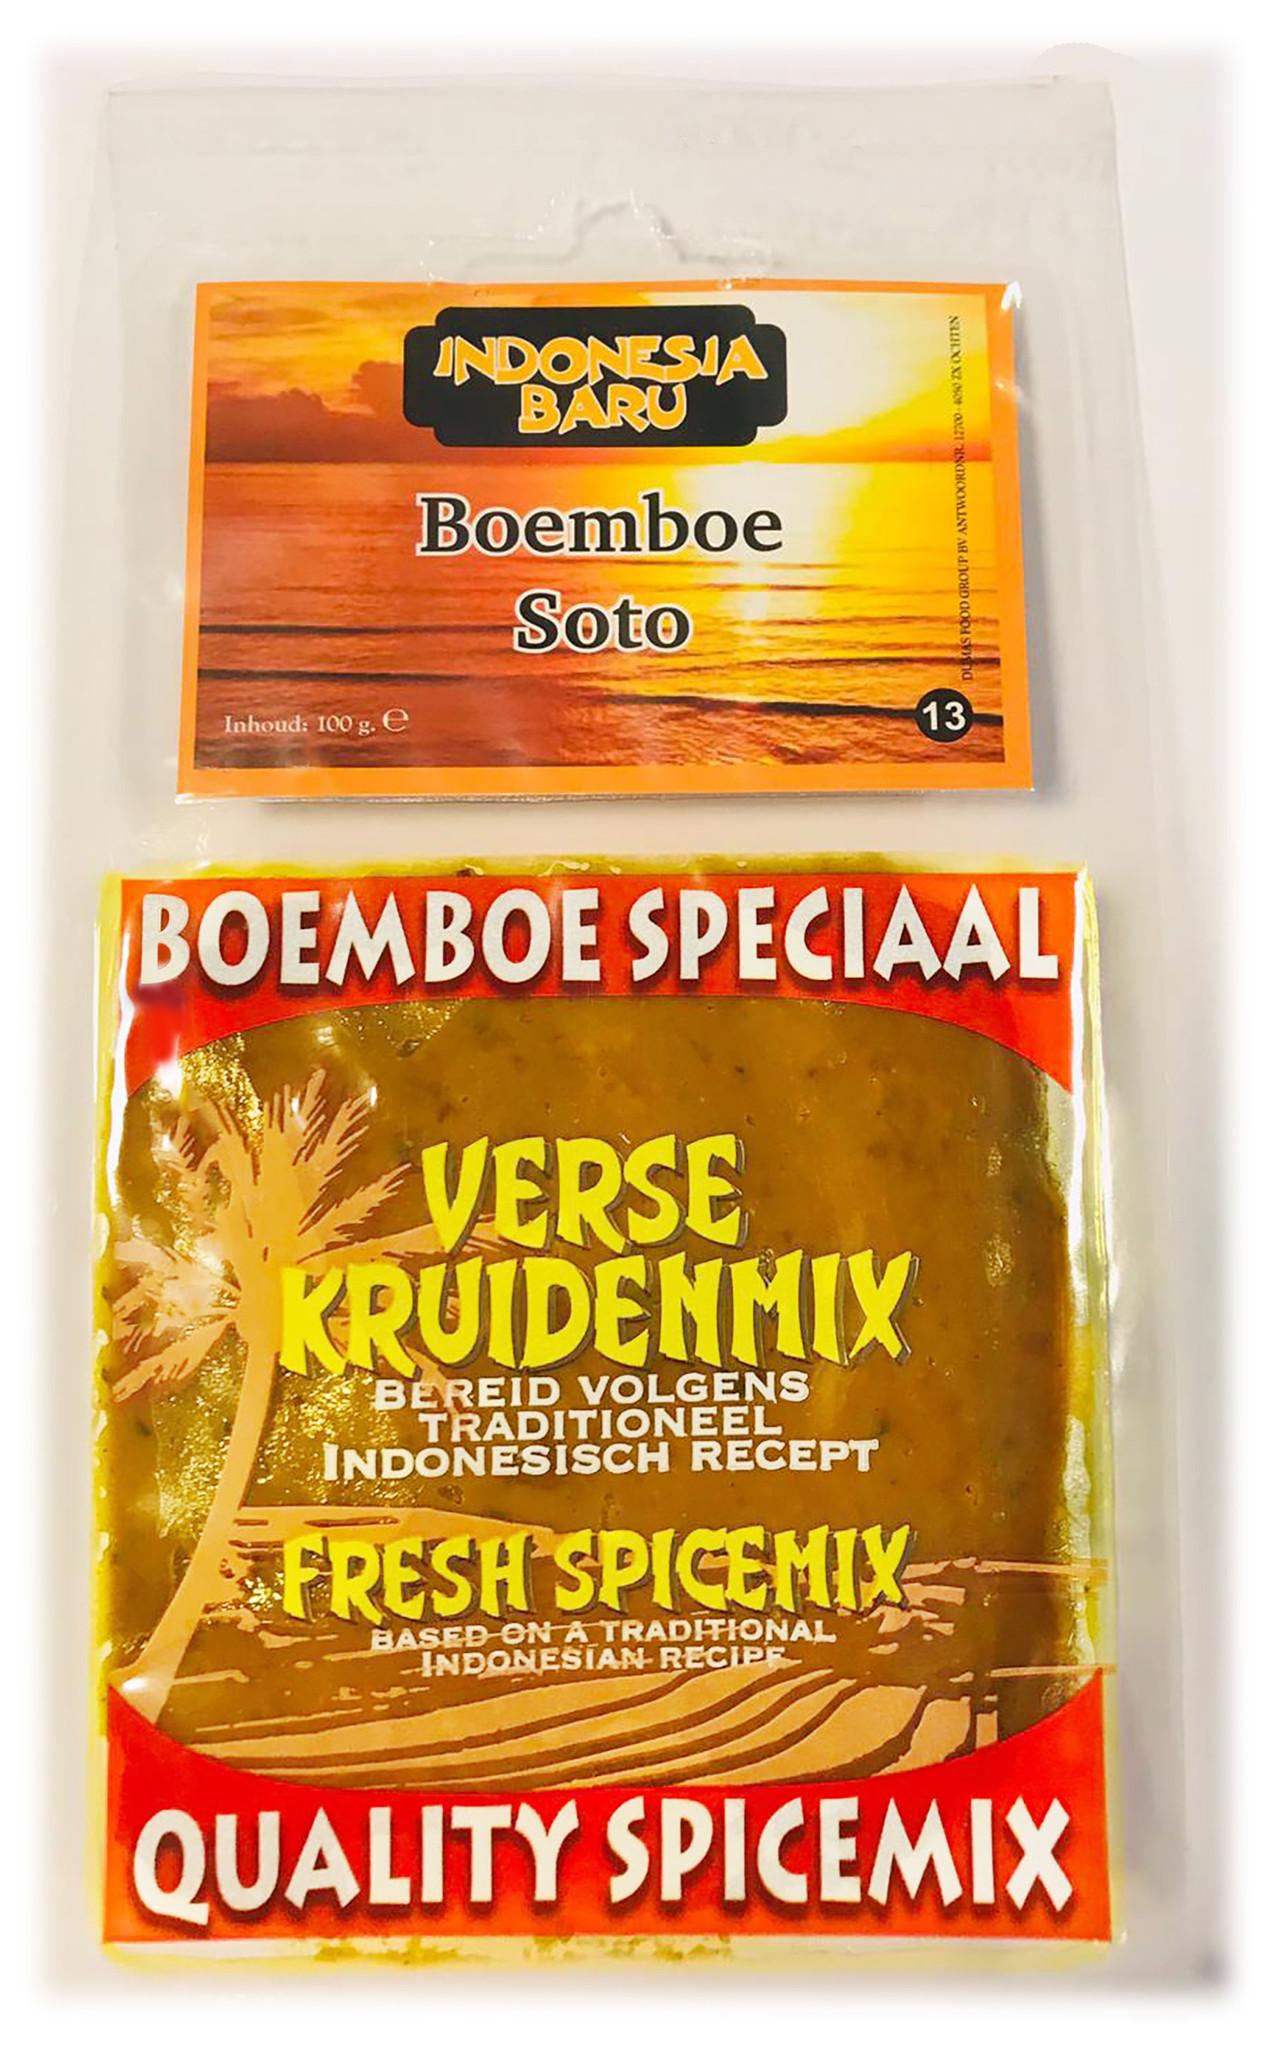 Boemboe Soto